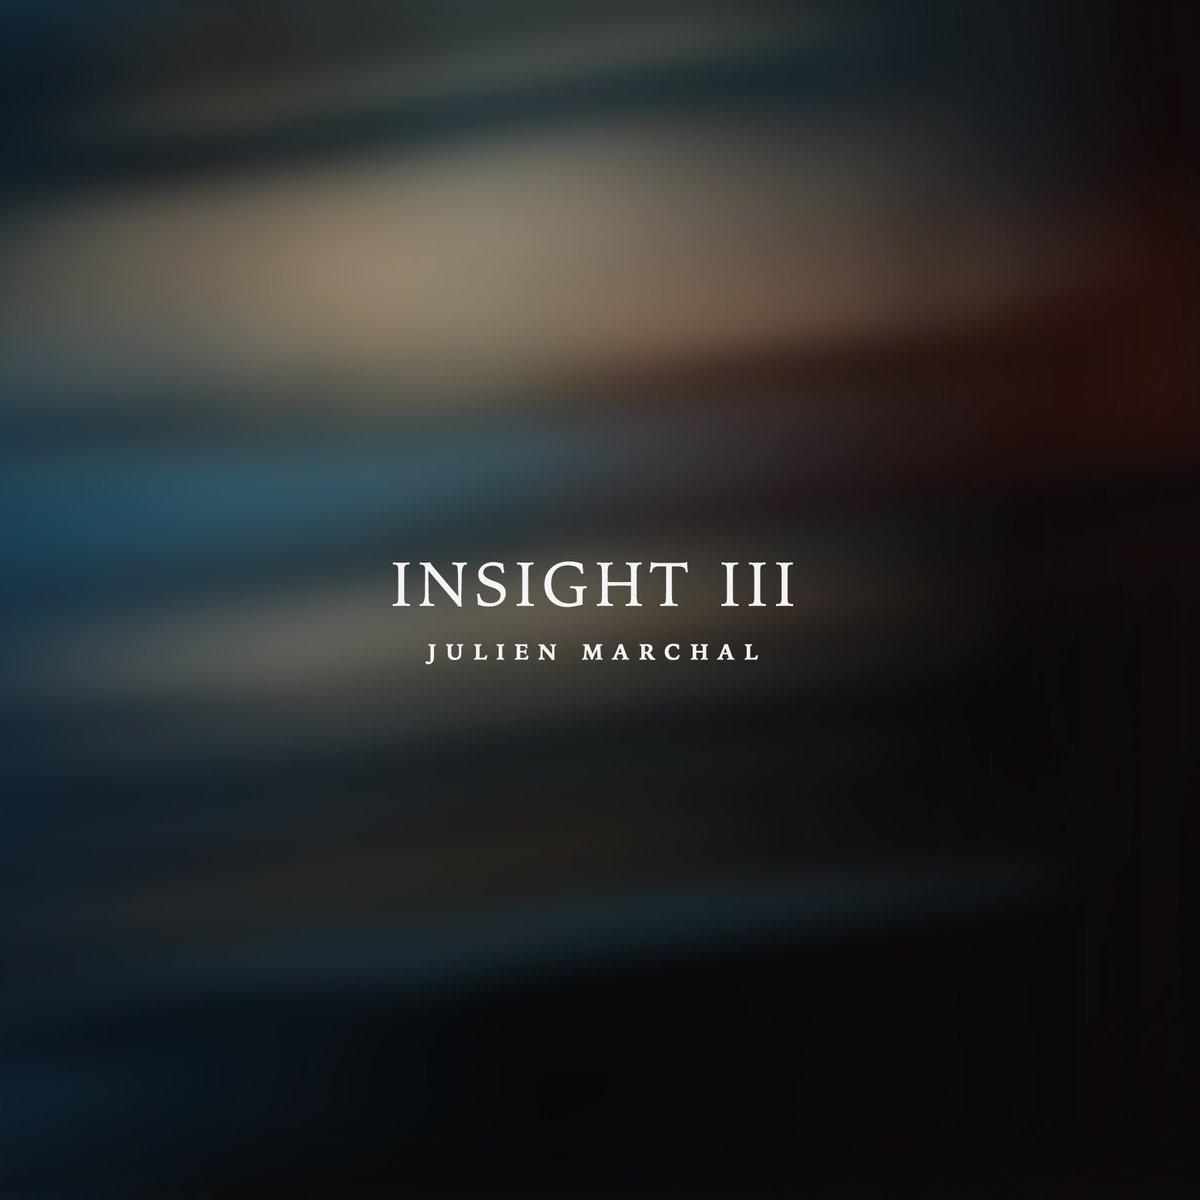 Insight III   Julien Marchal